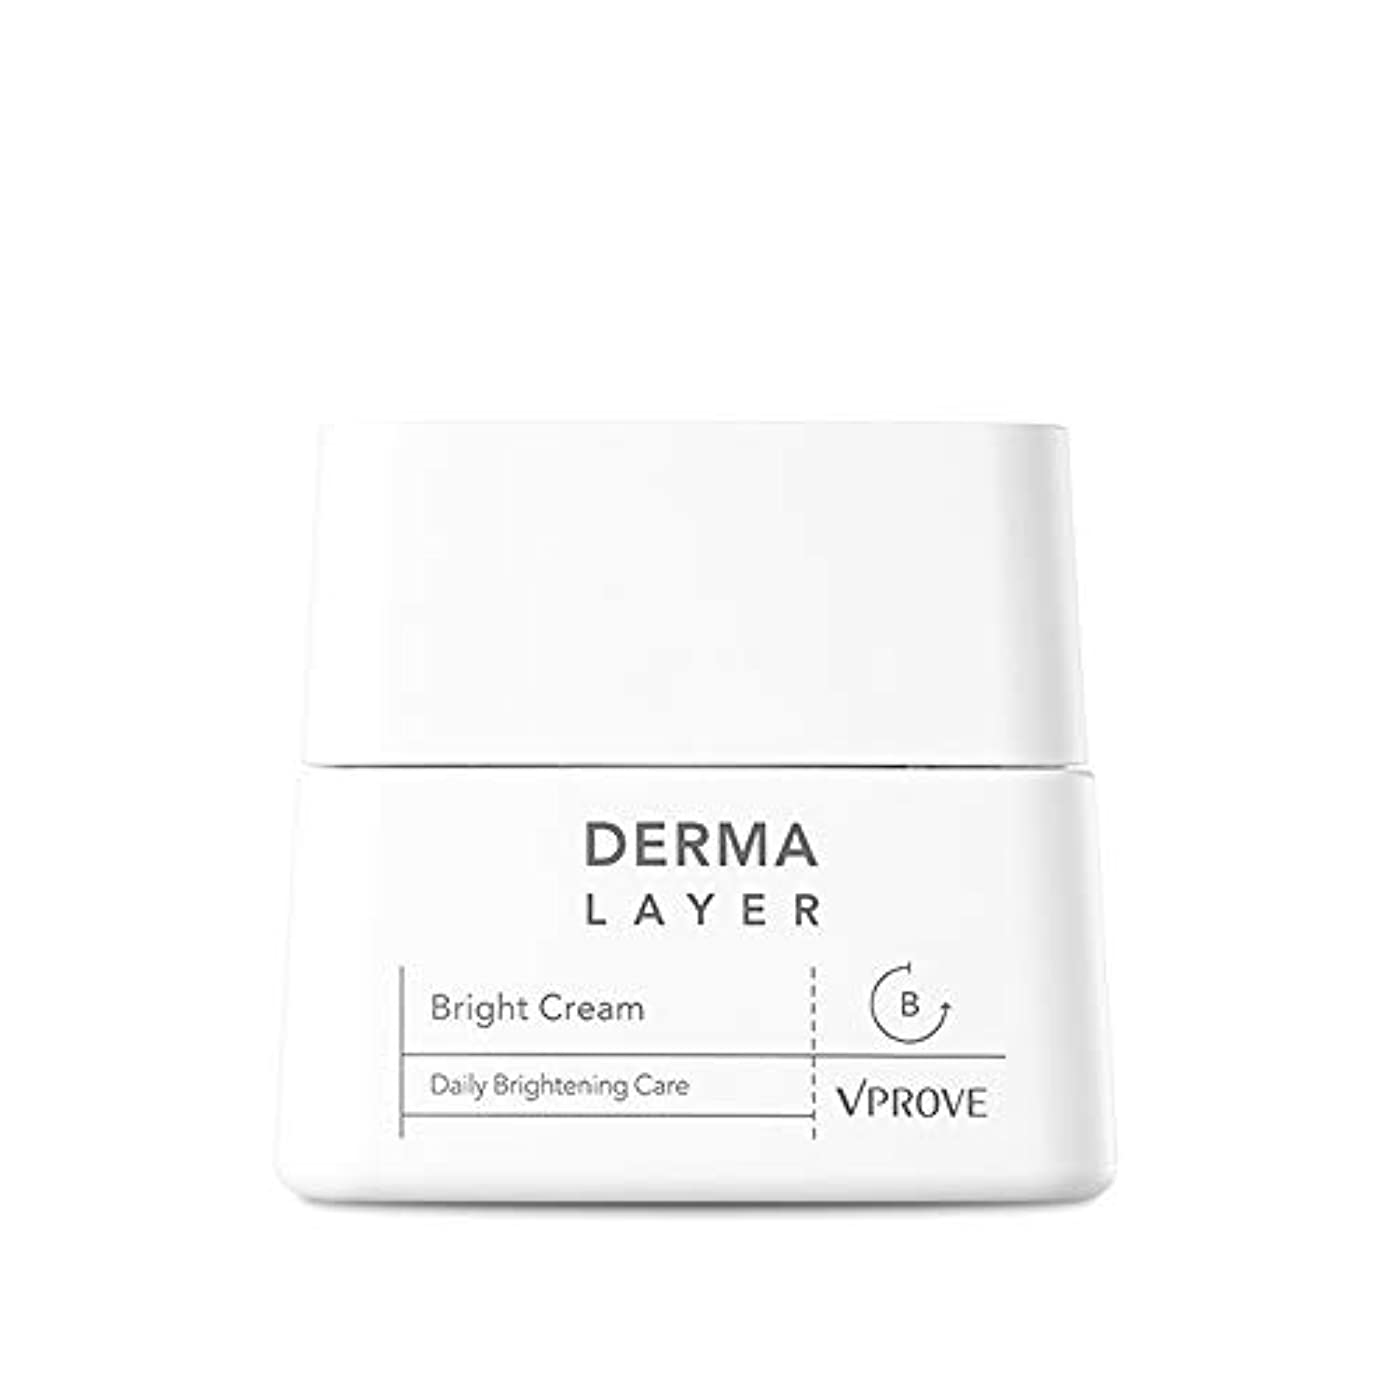 資産メールを書く順応性のある[コスモコス]COSMOCOS VPROVE ダーマ レイヤーブライト ブライトクリーム 50g 海外直送品 Deama Layer Bright Cream [並行輸入品]